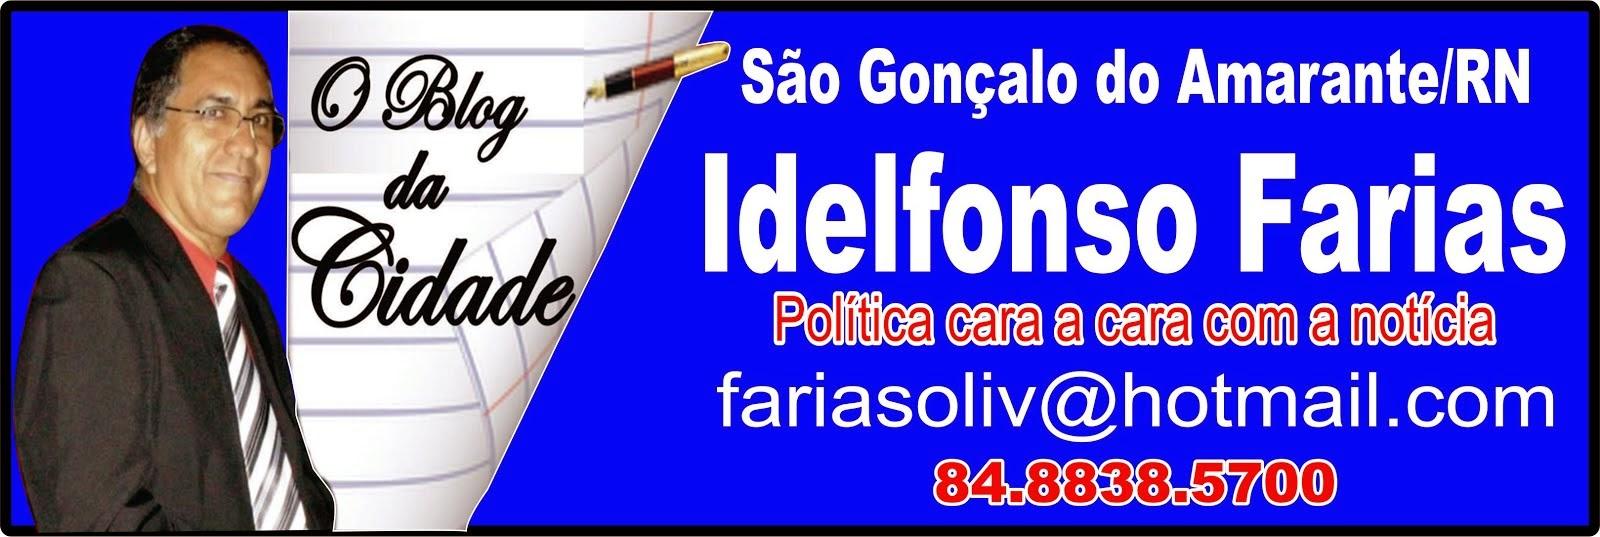 Idelfonso Farias O Blog da Cidade